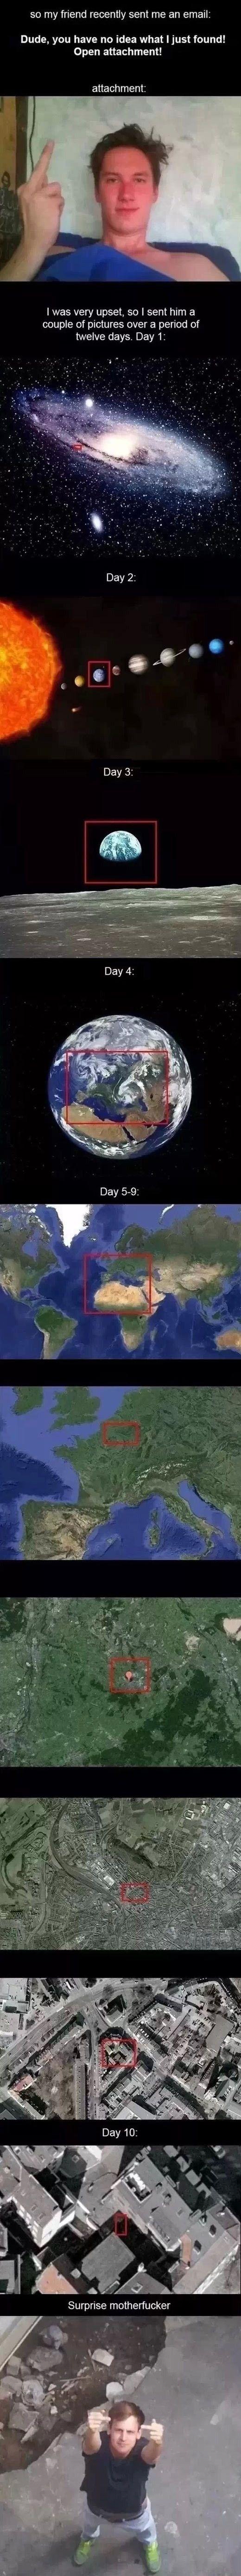 Google Maps Revenge - Imgur